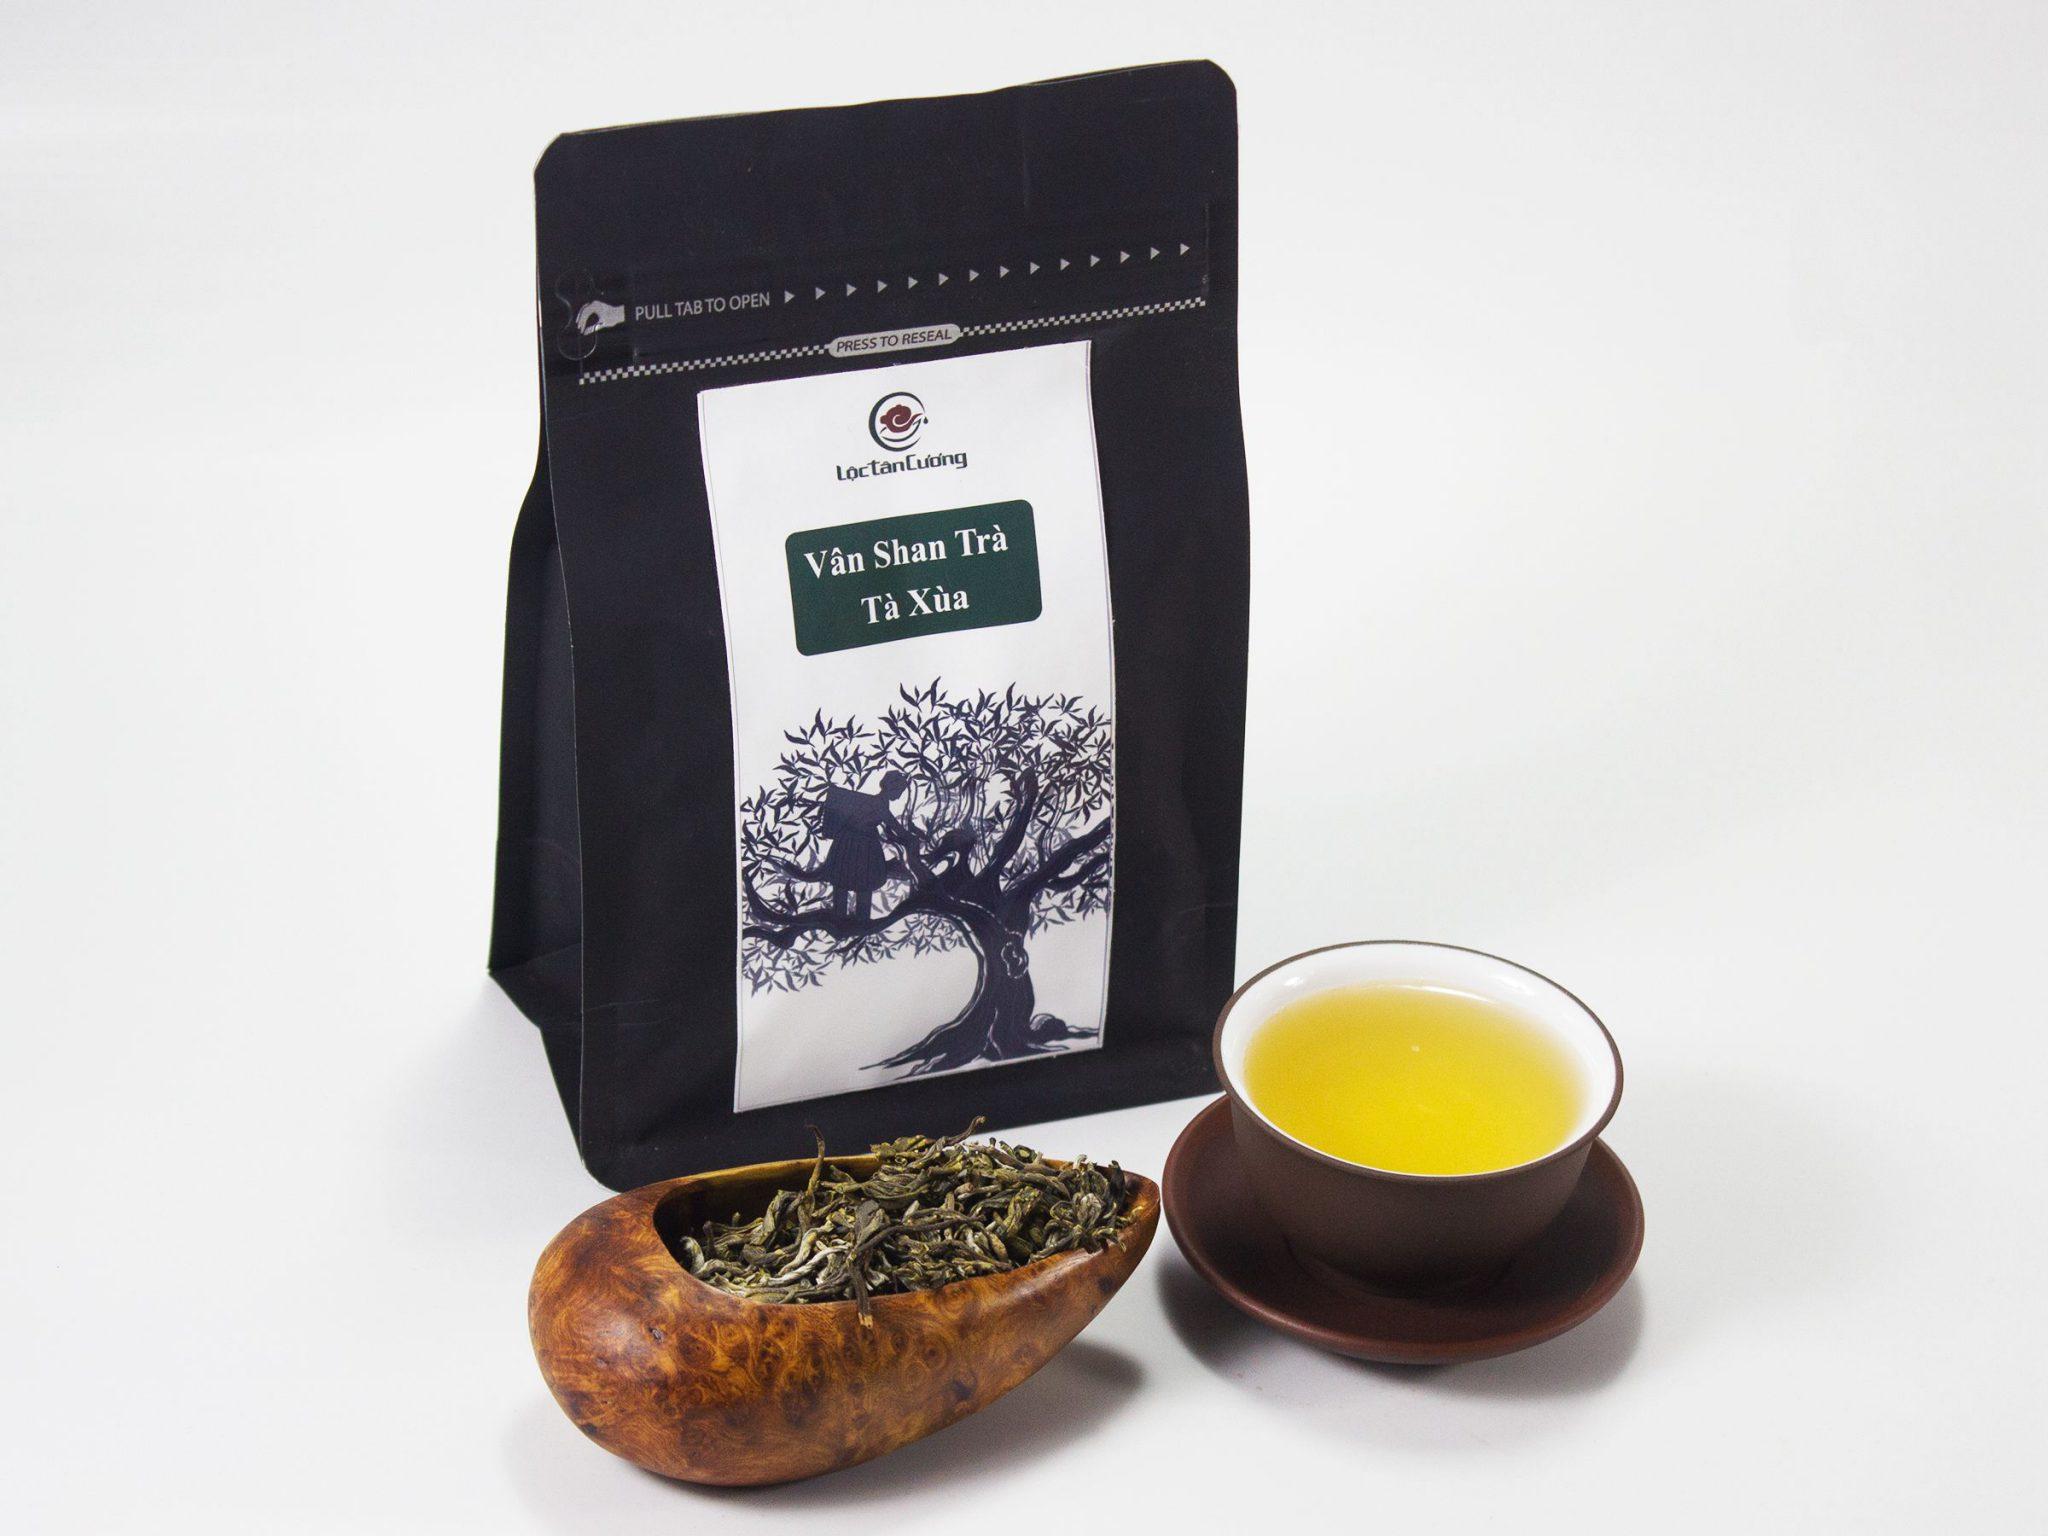 Cánh vân shan trà Tà Xùa tại Lộc Tân Cương. Giá chè shan tuyết: 1.800.000đ/1kg